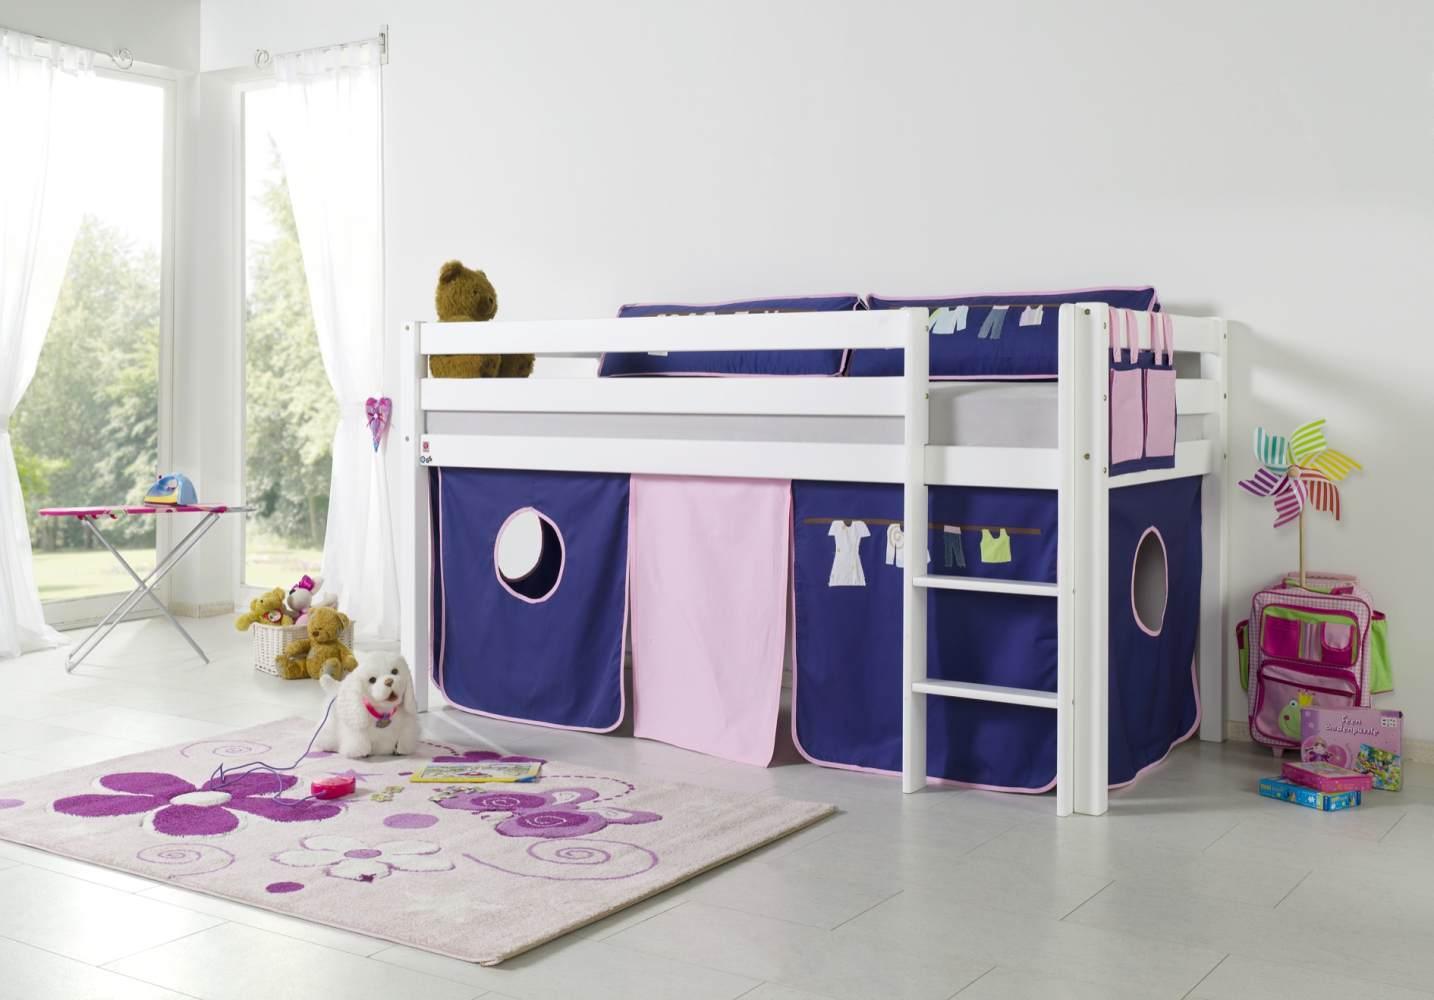 Relita Halbhohes Spielbett ALEX Buche massiv weiß lackiert mit Stoffset Kleider Bild 1